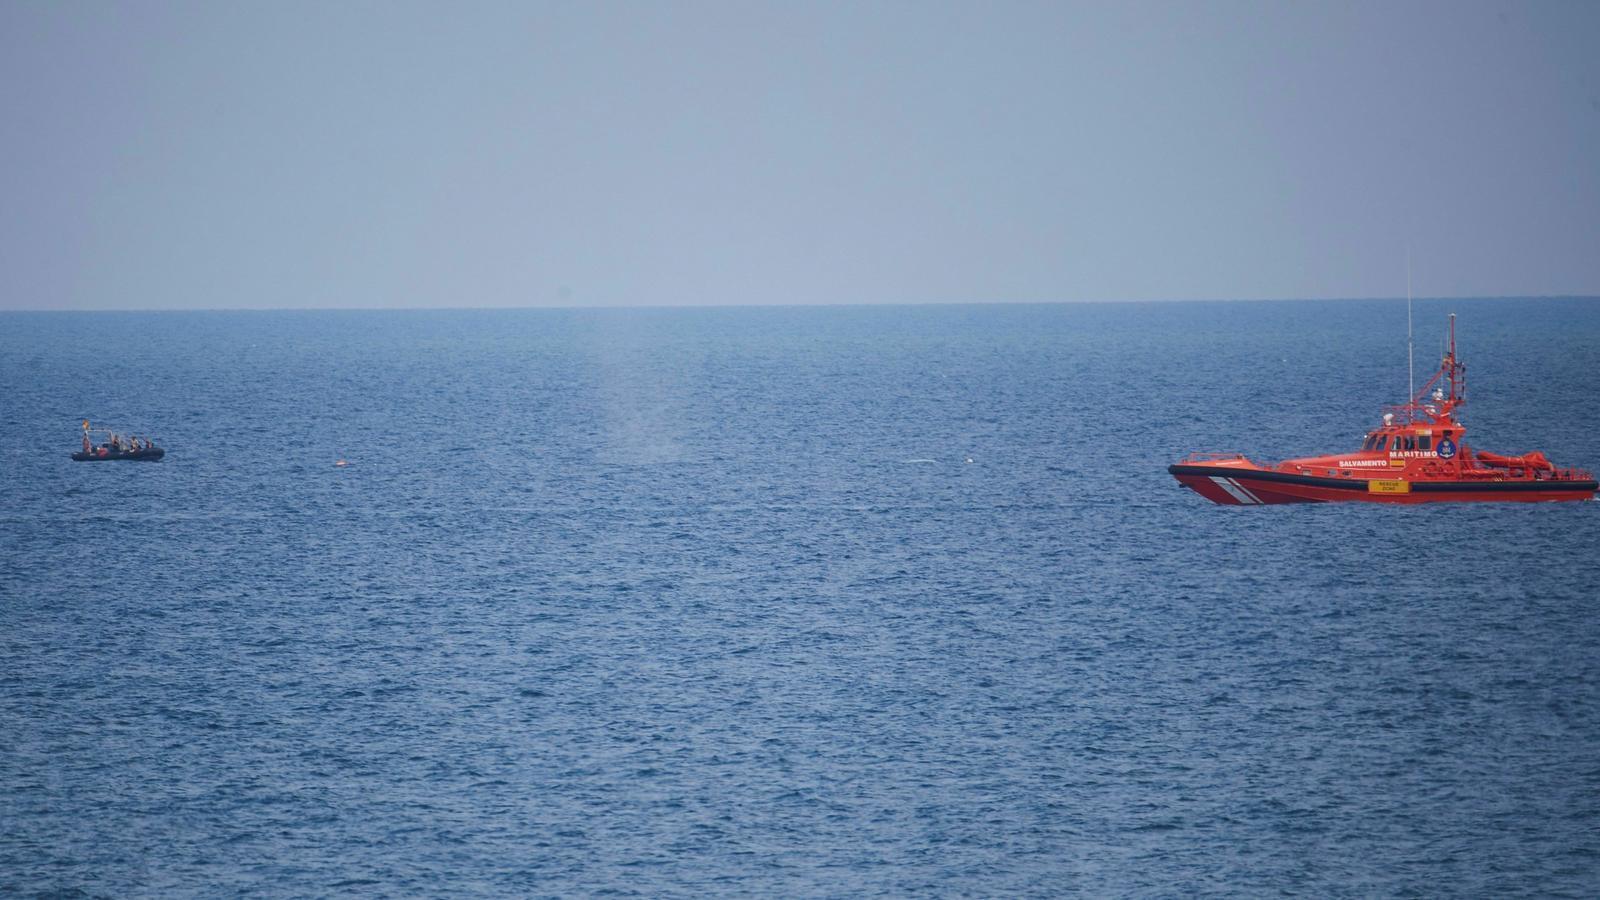 El misteri de quan es va llançar la bomba a la platja de Sant Sebastià de Barcelona